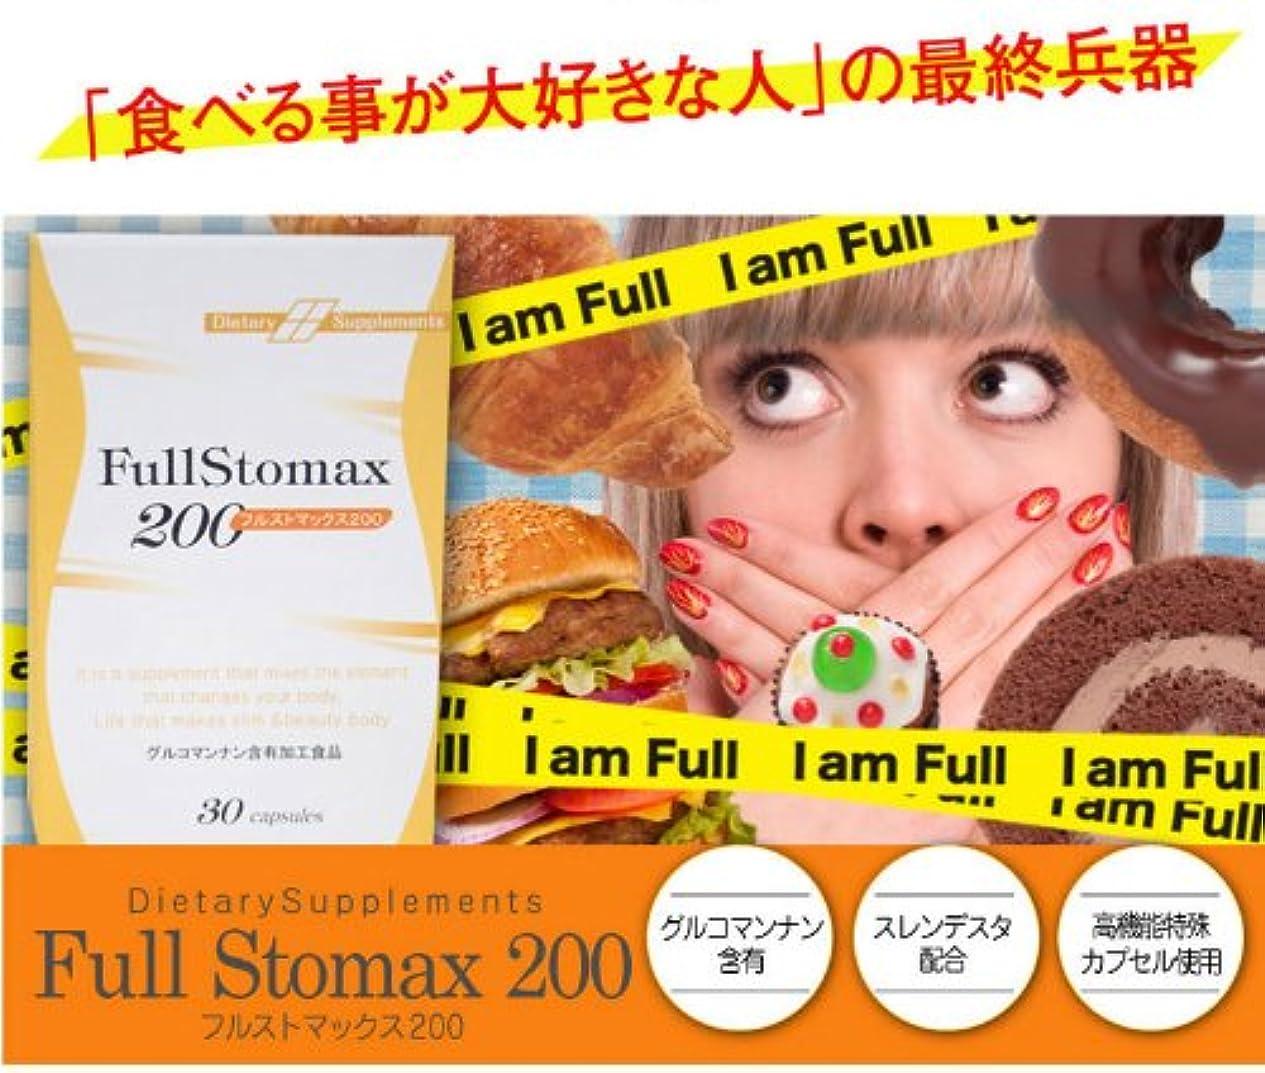 フルストマックス200 (グルコマンナン配合ダイエットサプリ)